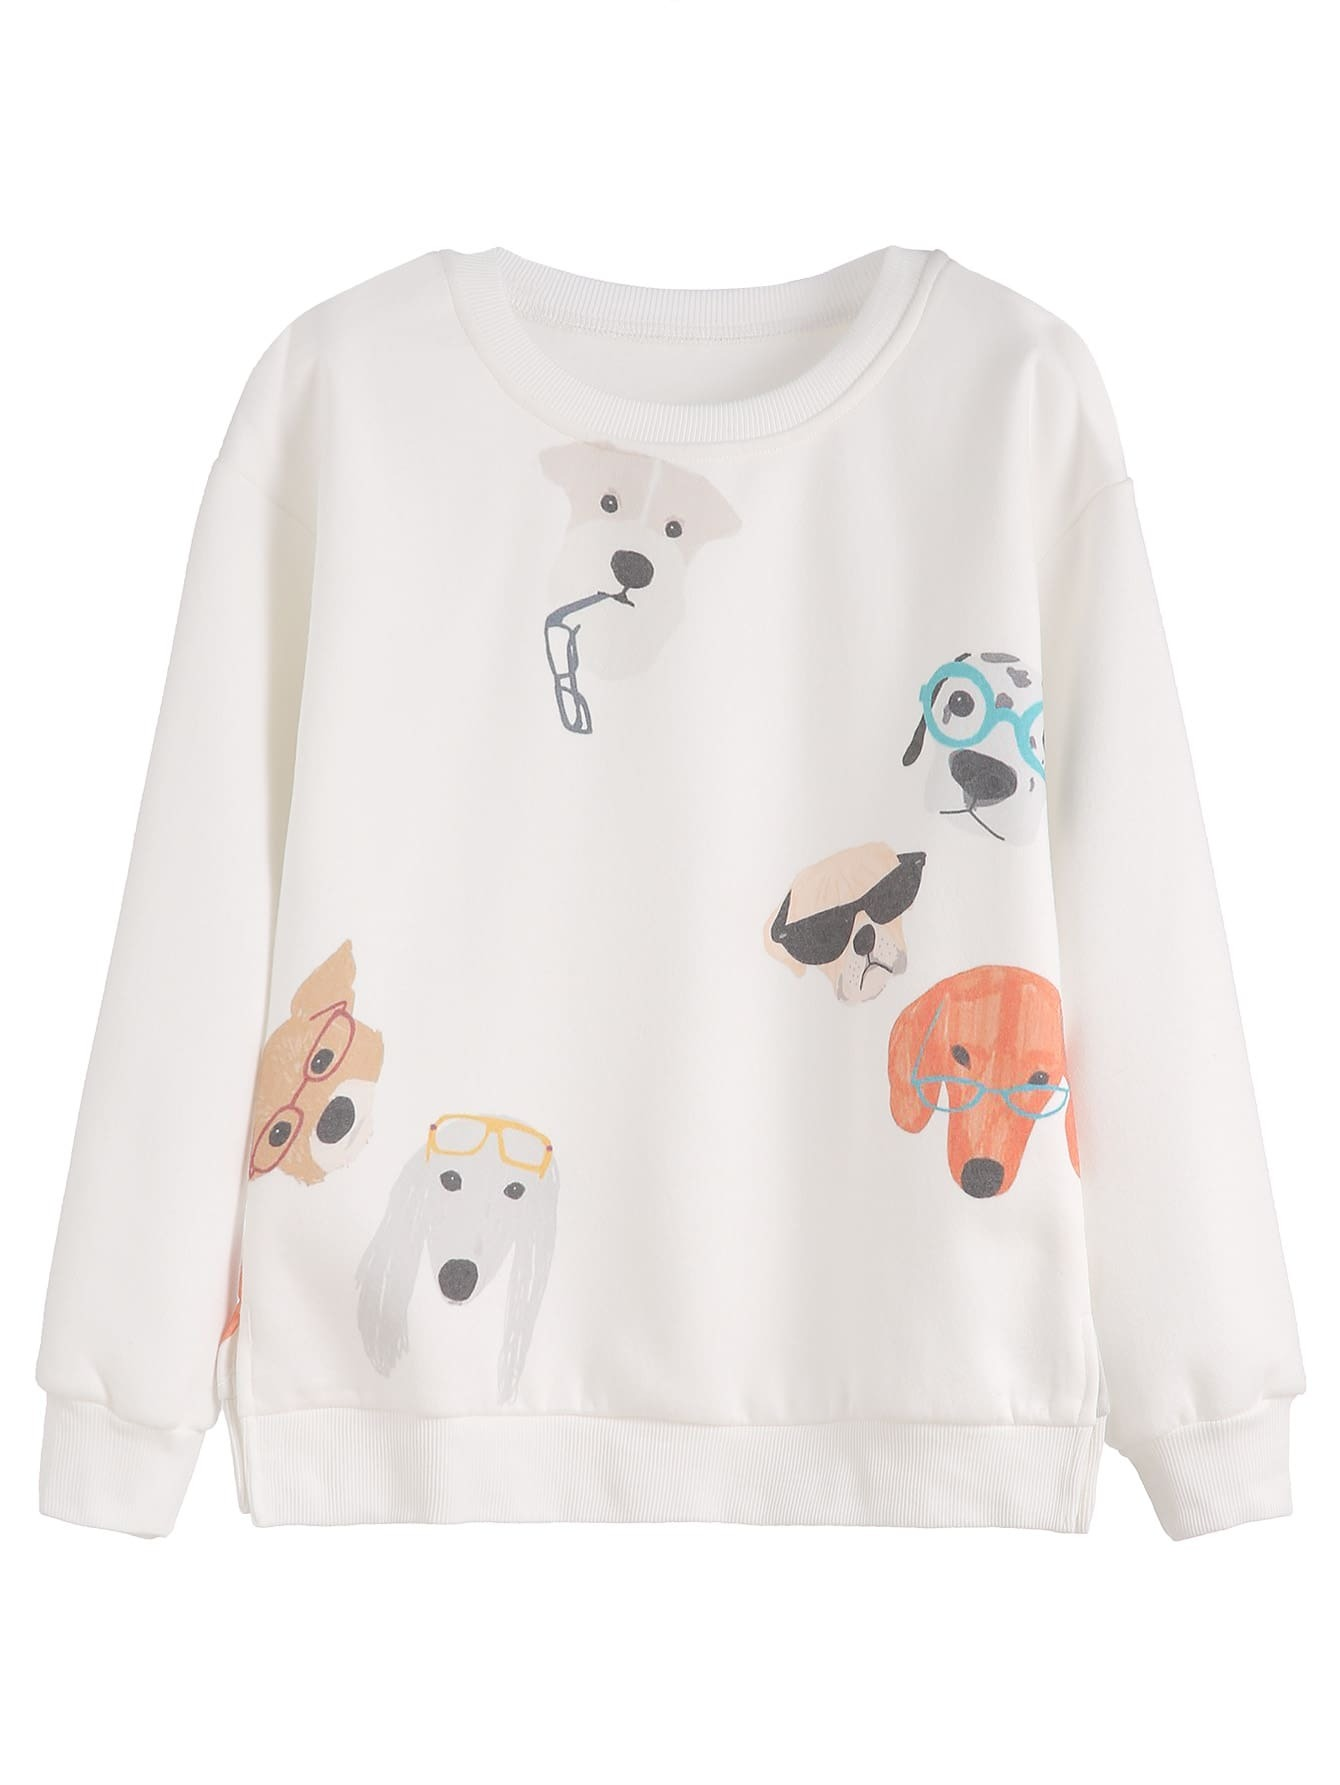 sweatshirt160830104_2